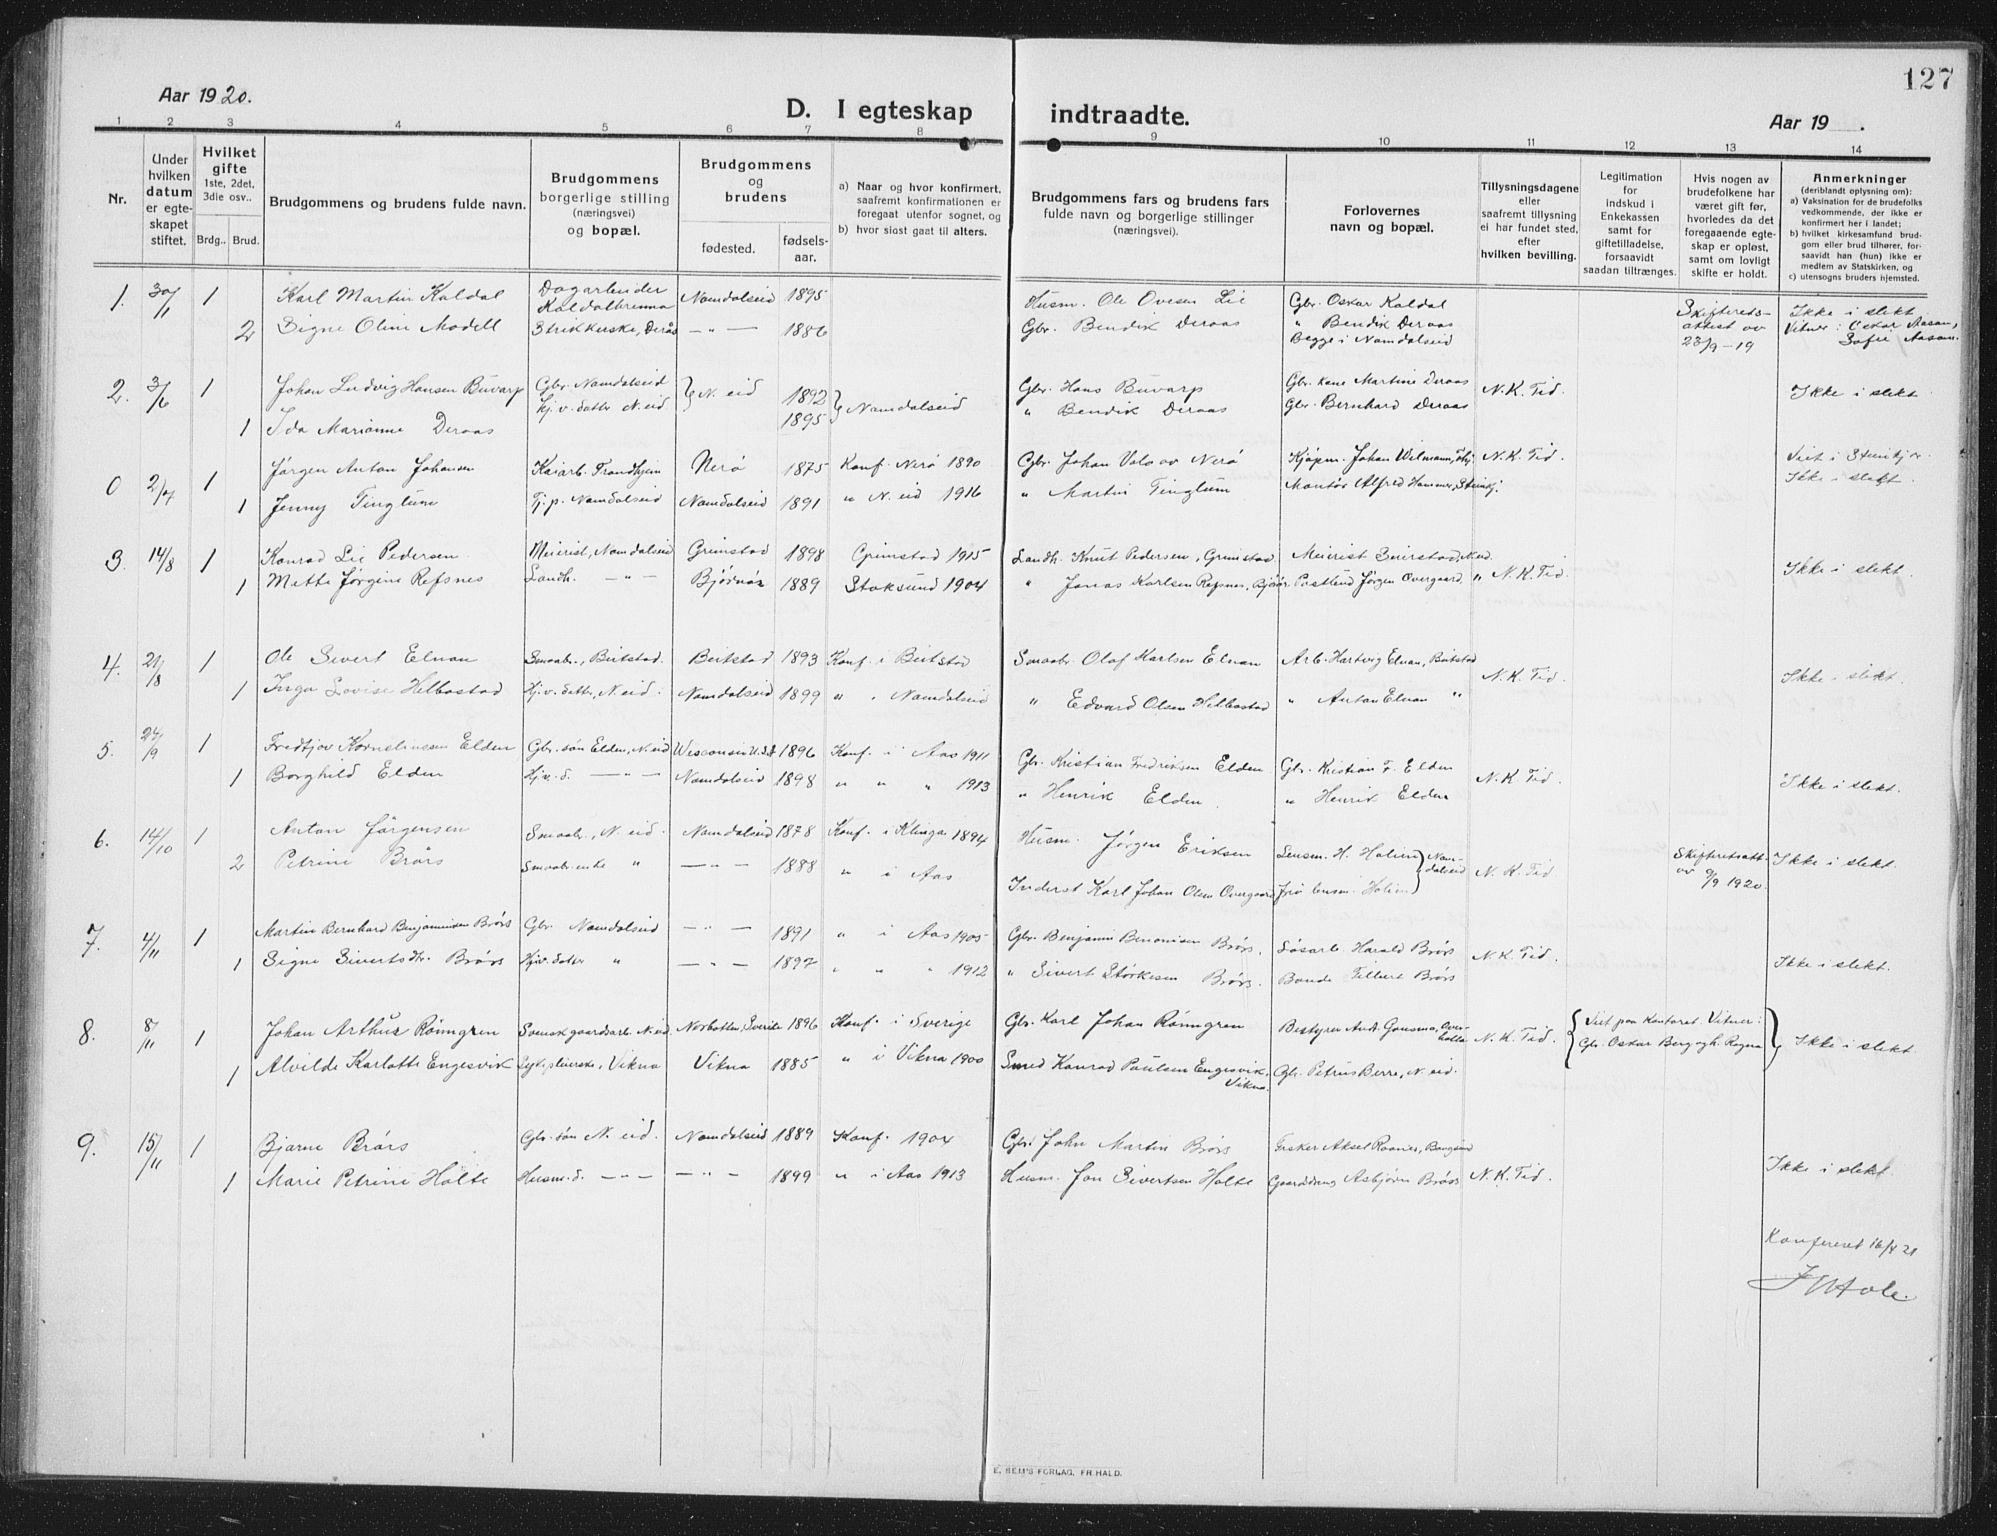 SAT, Ministerialprotokoller, klokkerbøker og fødselsregistre - Nord-Trøndelag, 742/L0413: Klokkerbok nr. 742C04, 1911-1938, s. 127